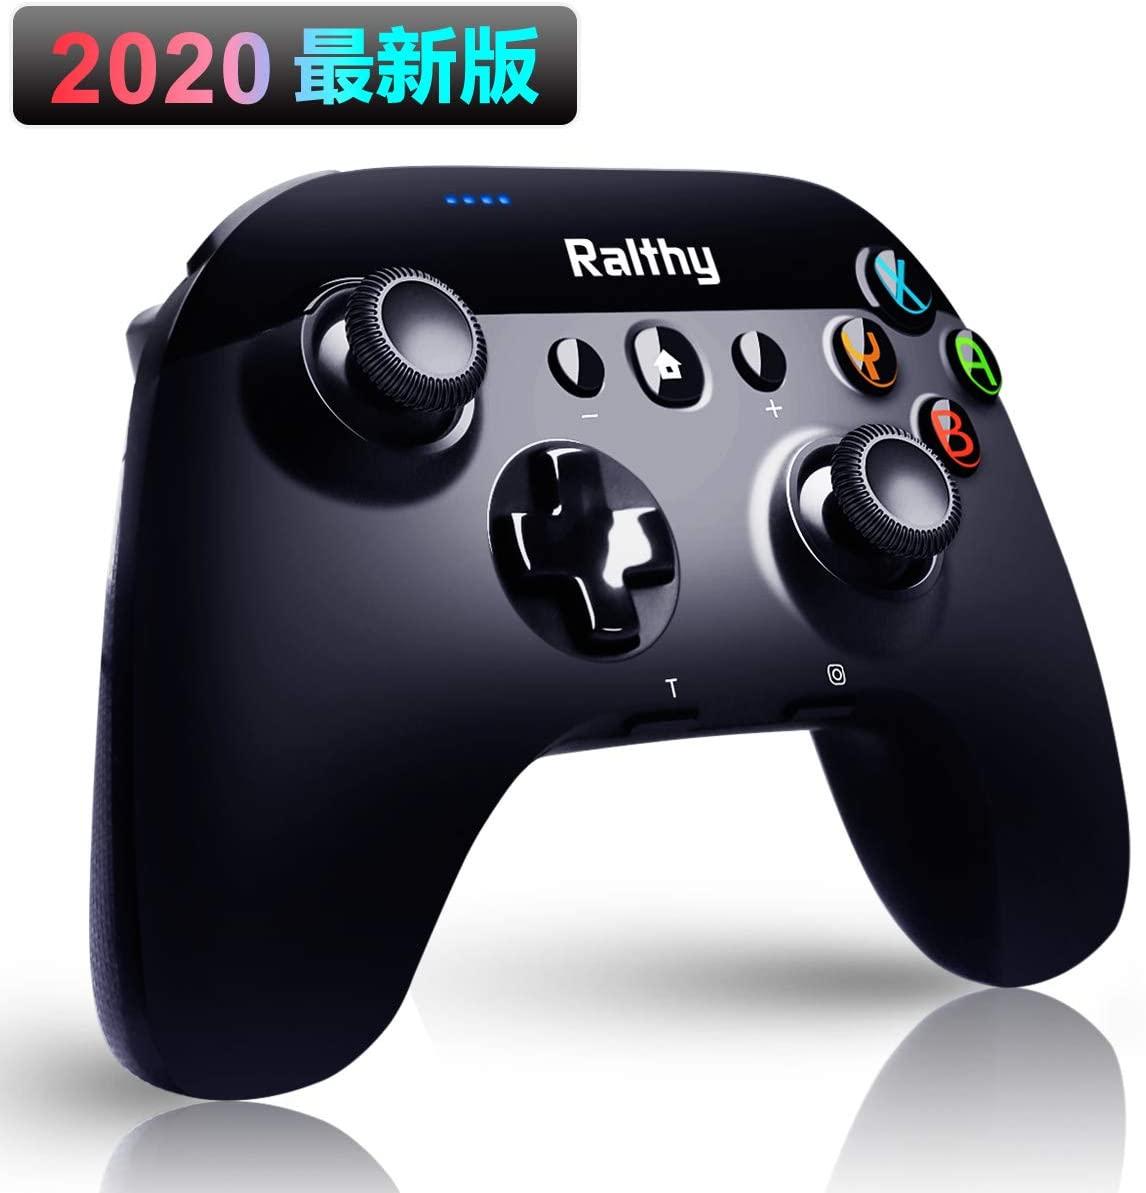 アマゾンでSwitch コントローラー Ralthyが1276円となる割引クーポンを配信中。